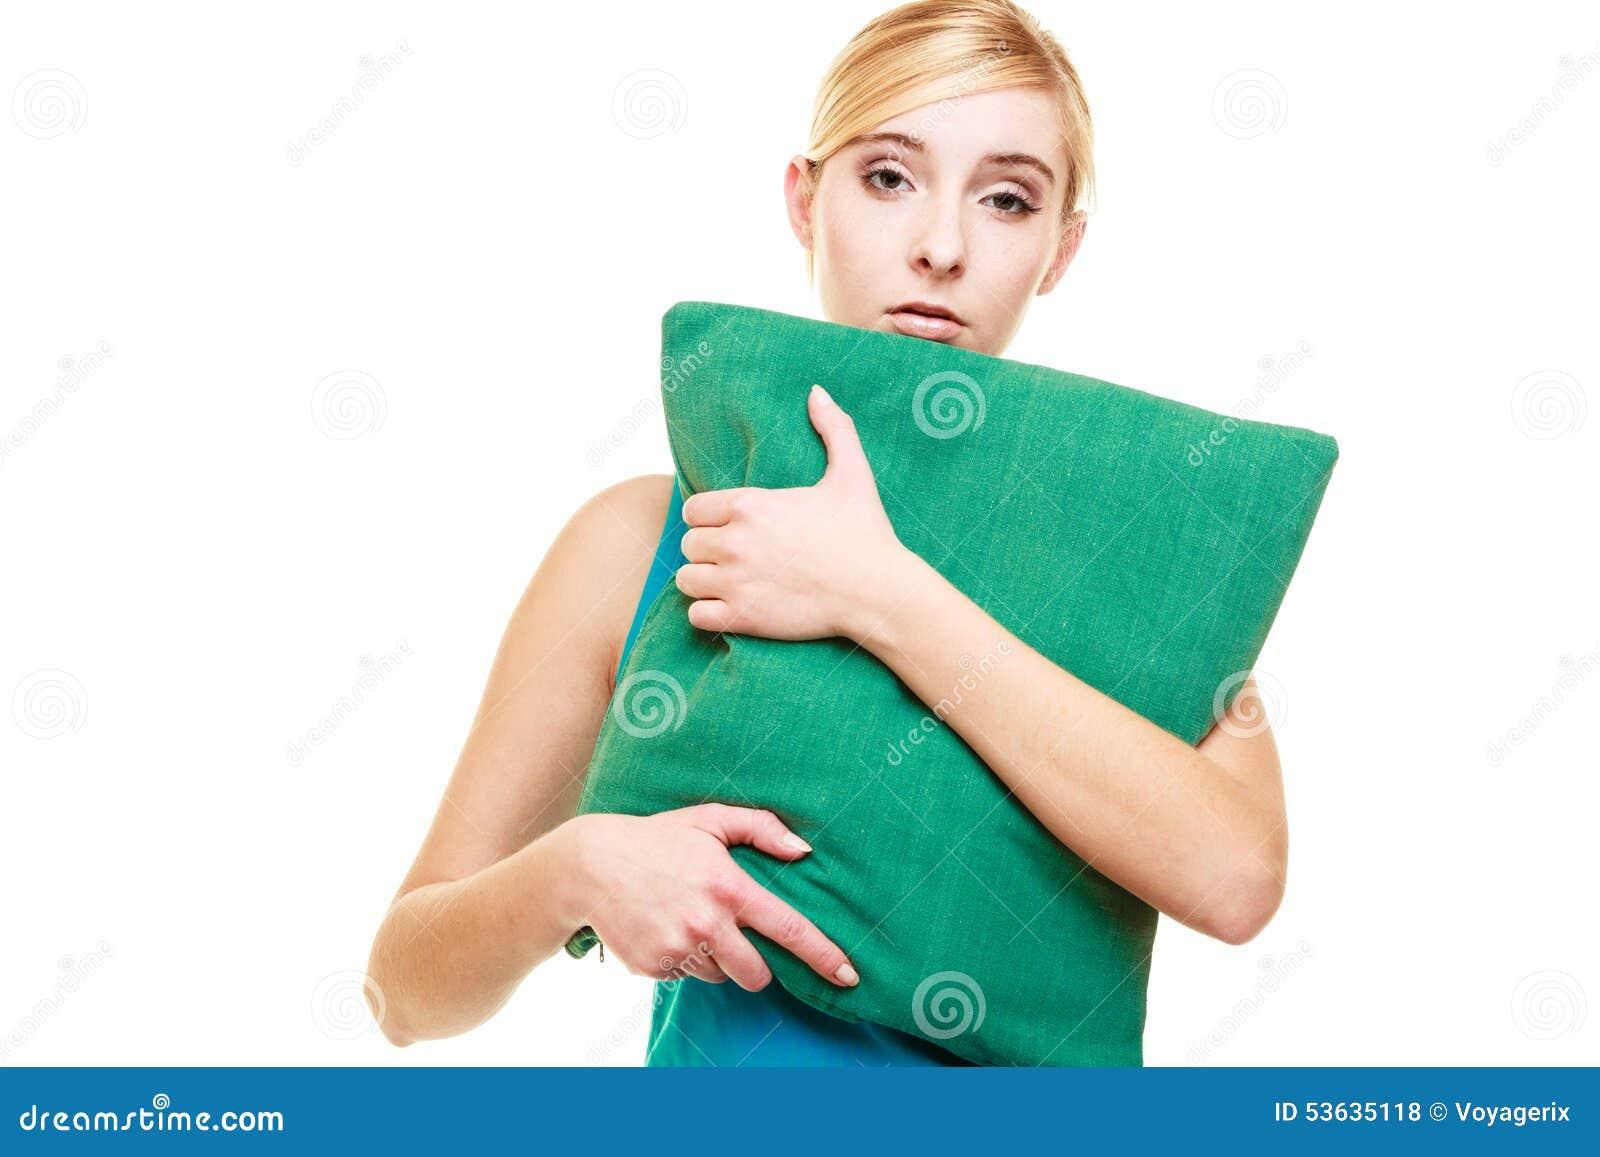 Slaperig vermoeid blondemeisje met groen hoofdkussen